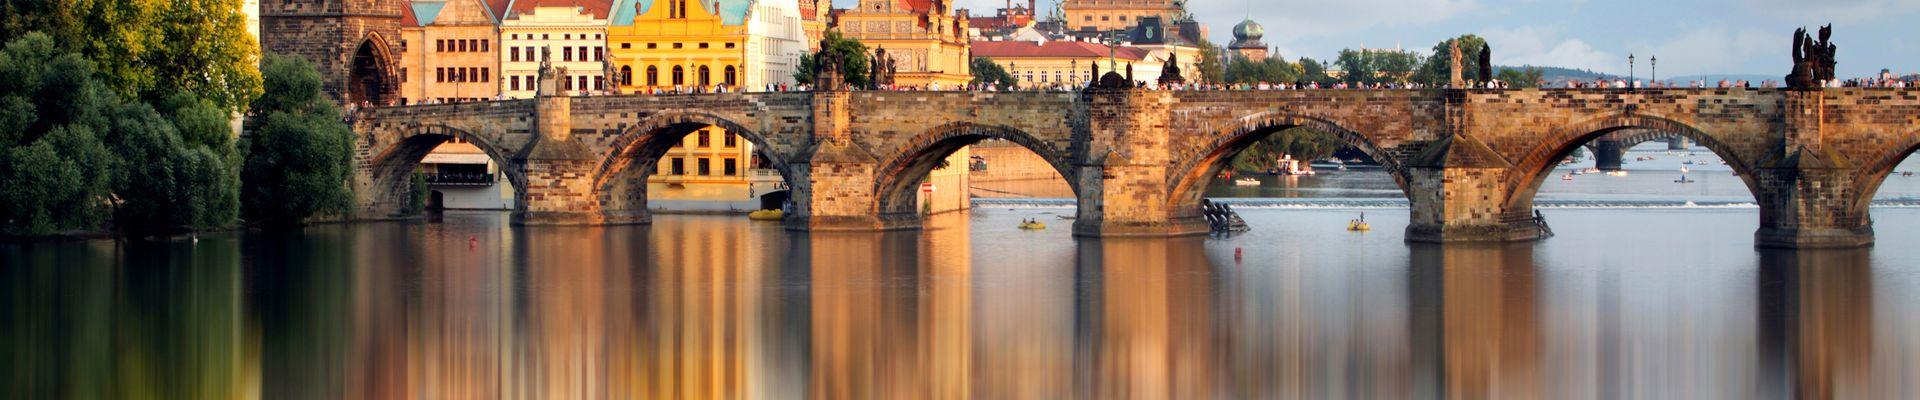 Wellness Wochenende in Tschechien